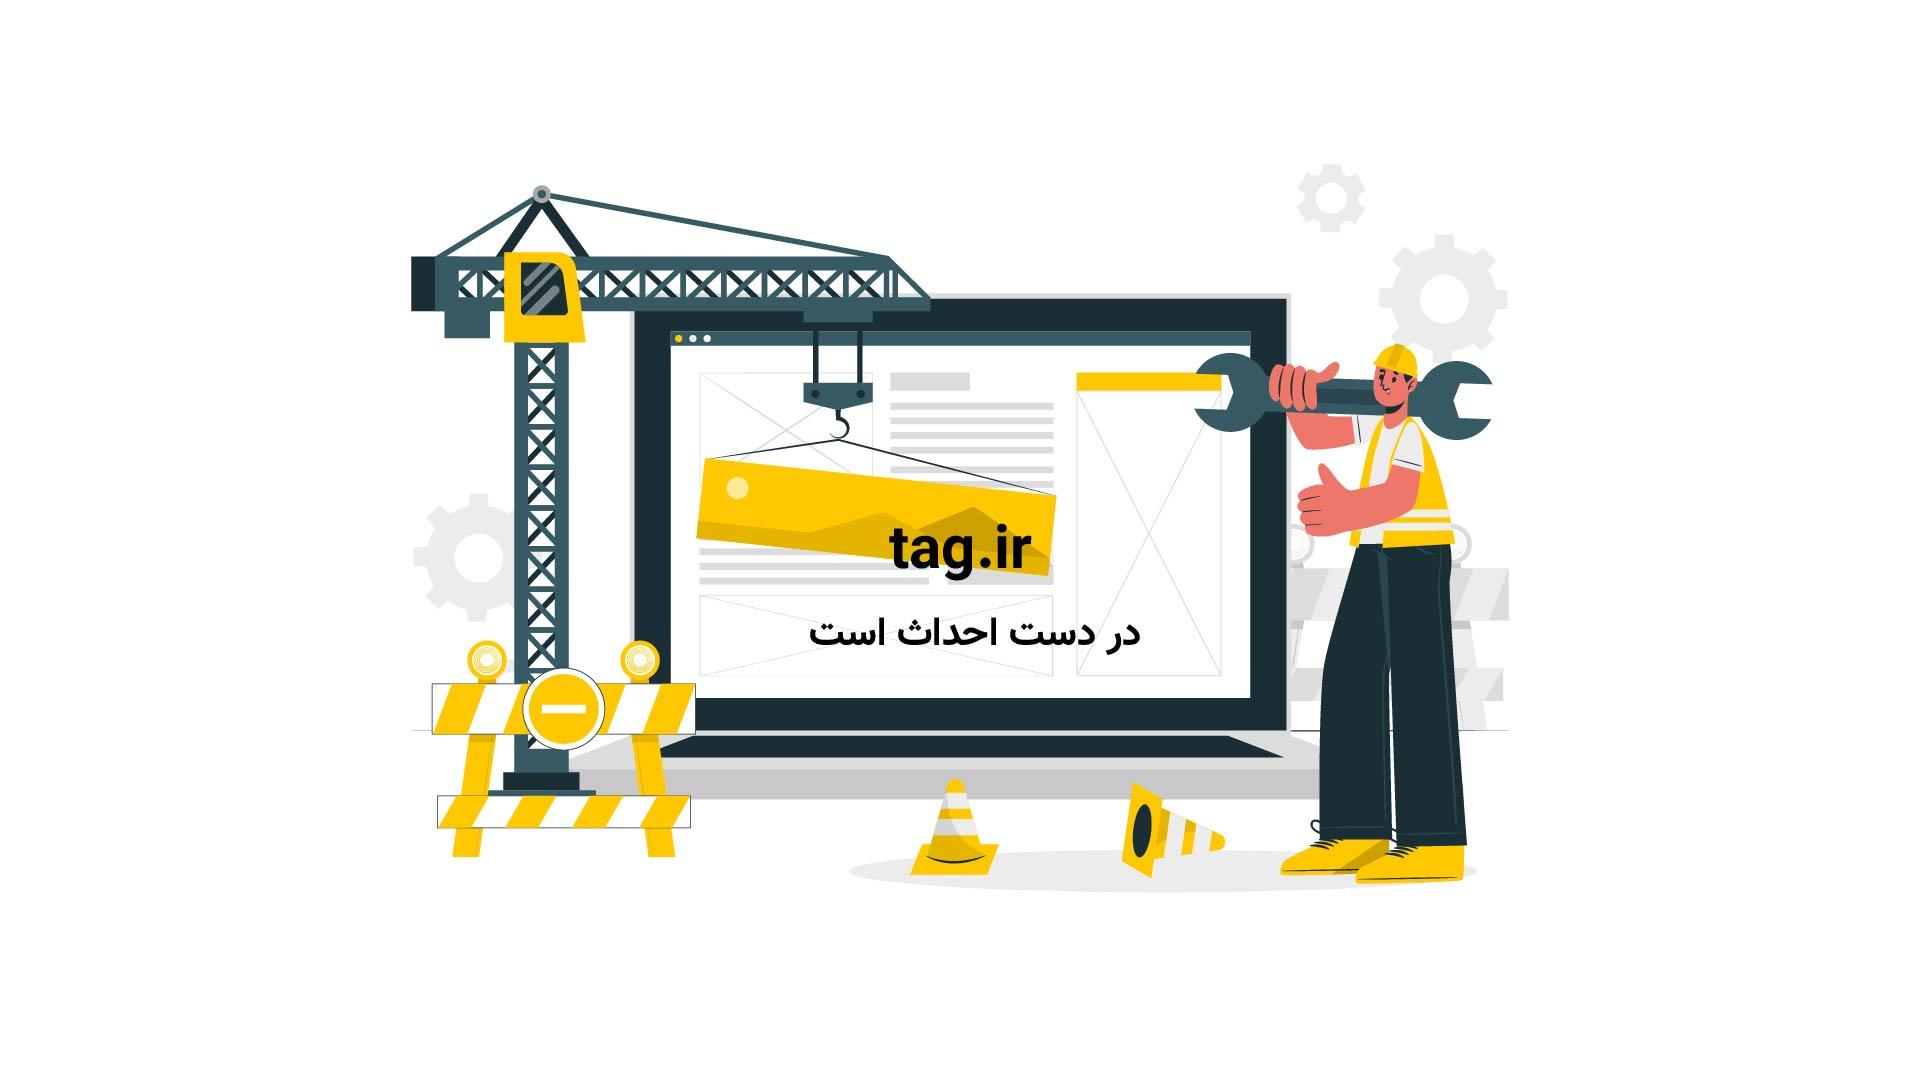 شکار ماهی توسط لاکپشت گوشت خوار|تگ